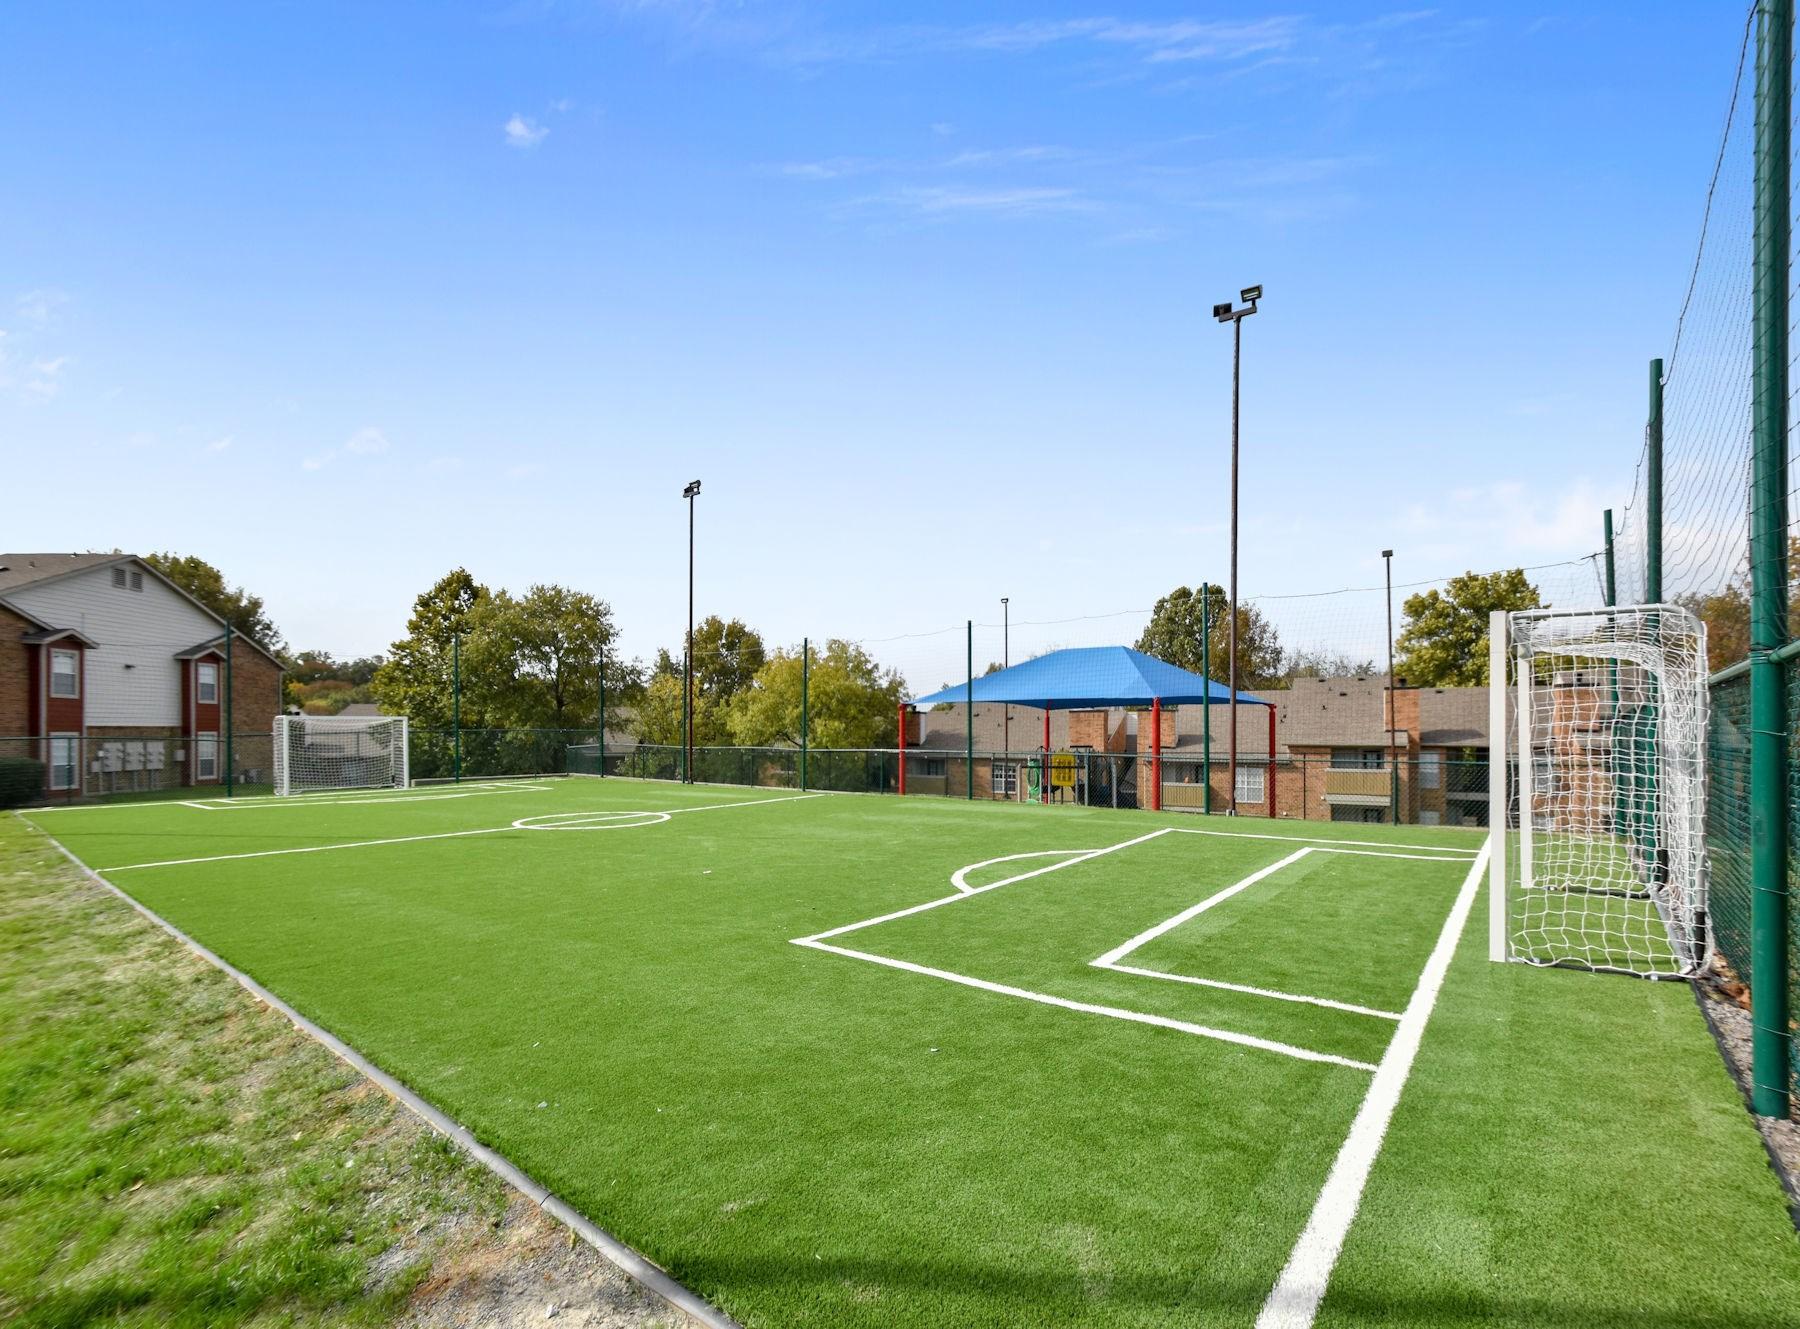 Fenced In Soccer Field